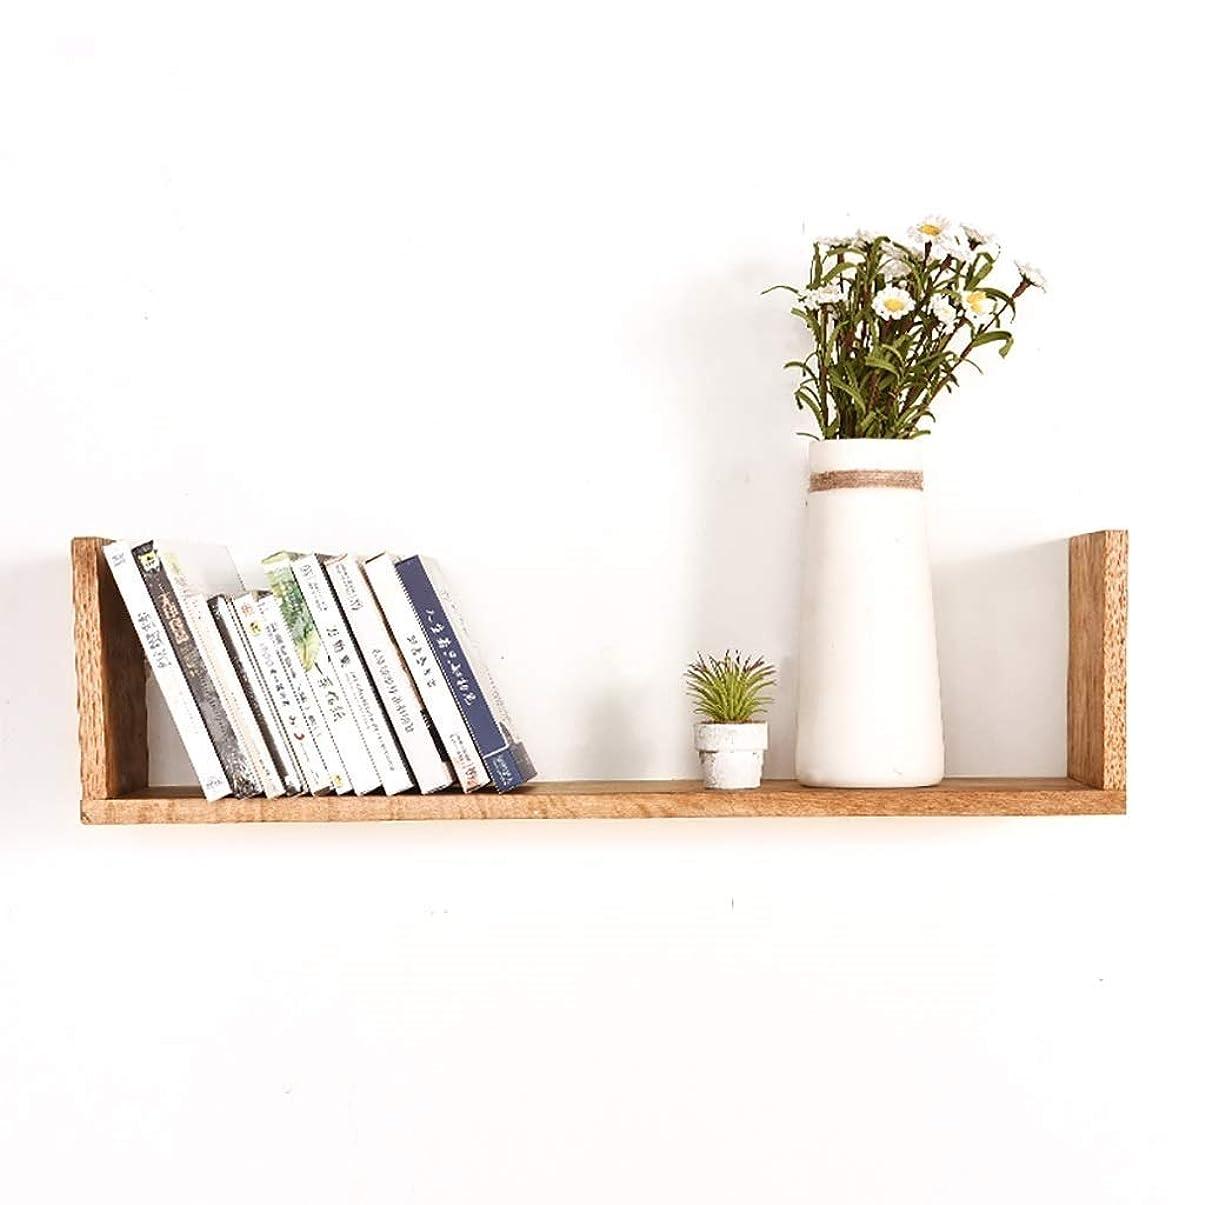 フェッチ無駄に浮く壁本棚セパレーターCDラックフローティングユニットフレーム木材壁棚壁収納ラック壁の装飾レトロなスタイル (Color : A, Size : 40cm)